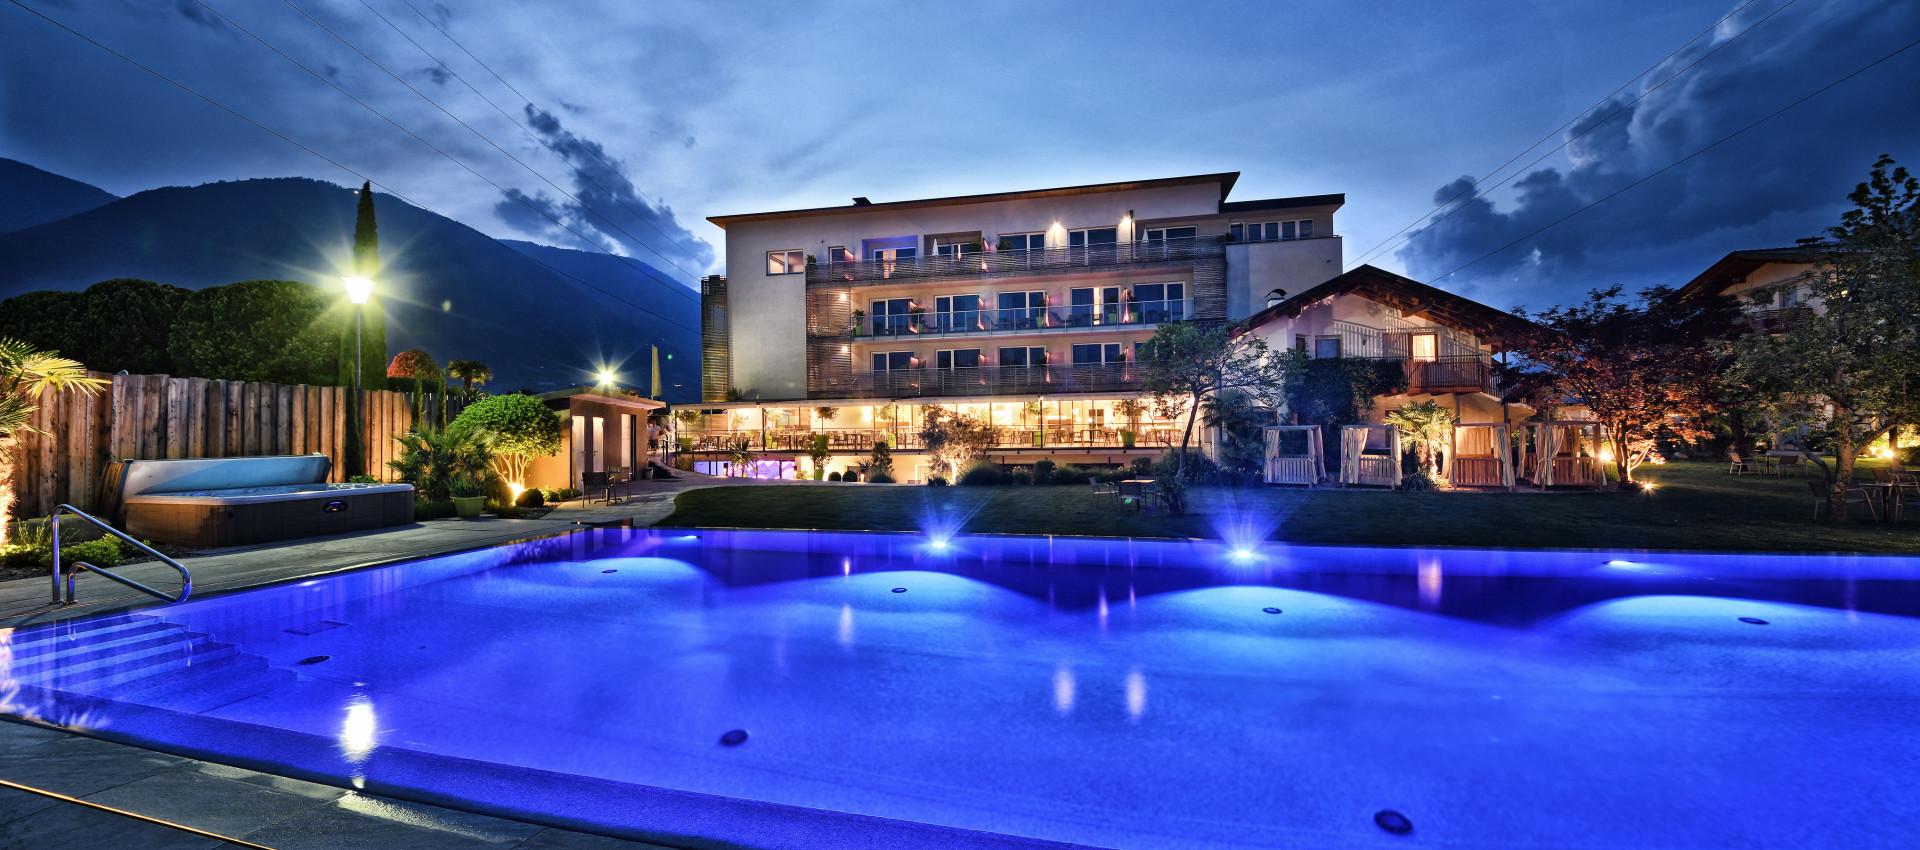 Traumhafter garten bei meran 4 sterne hotel mit pool for 4 sterne hotel dortmund